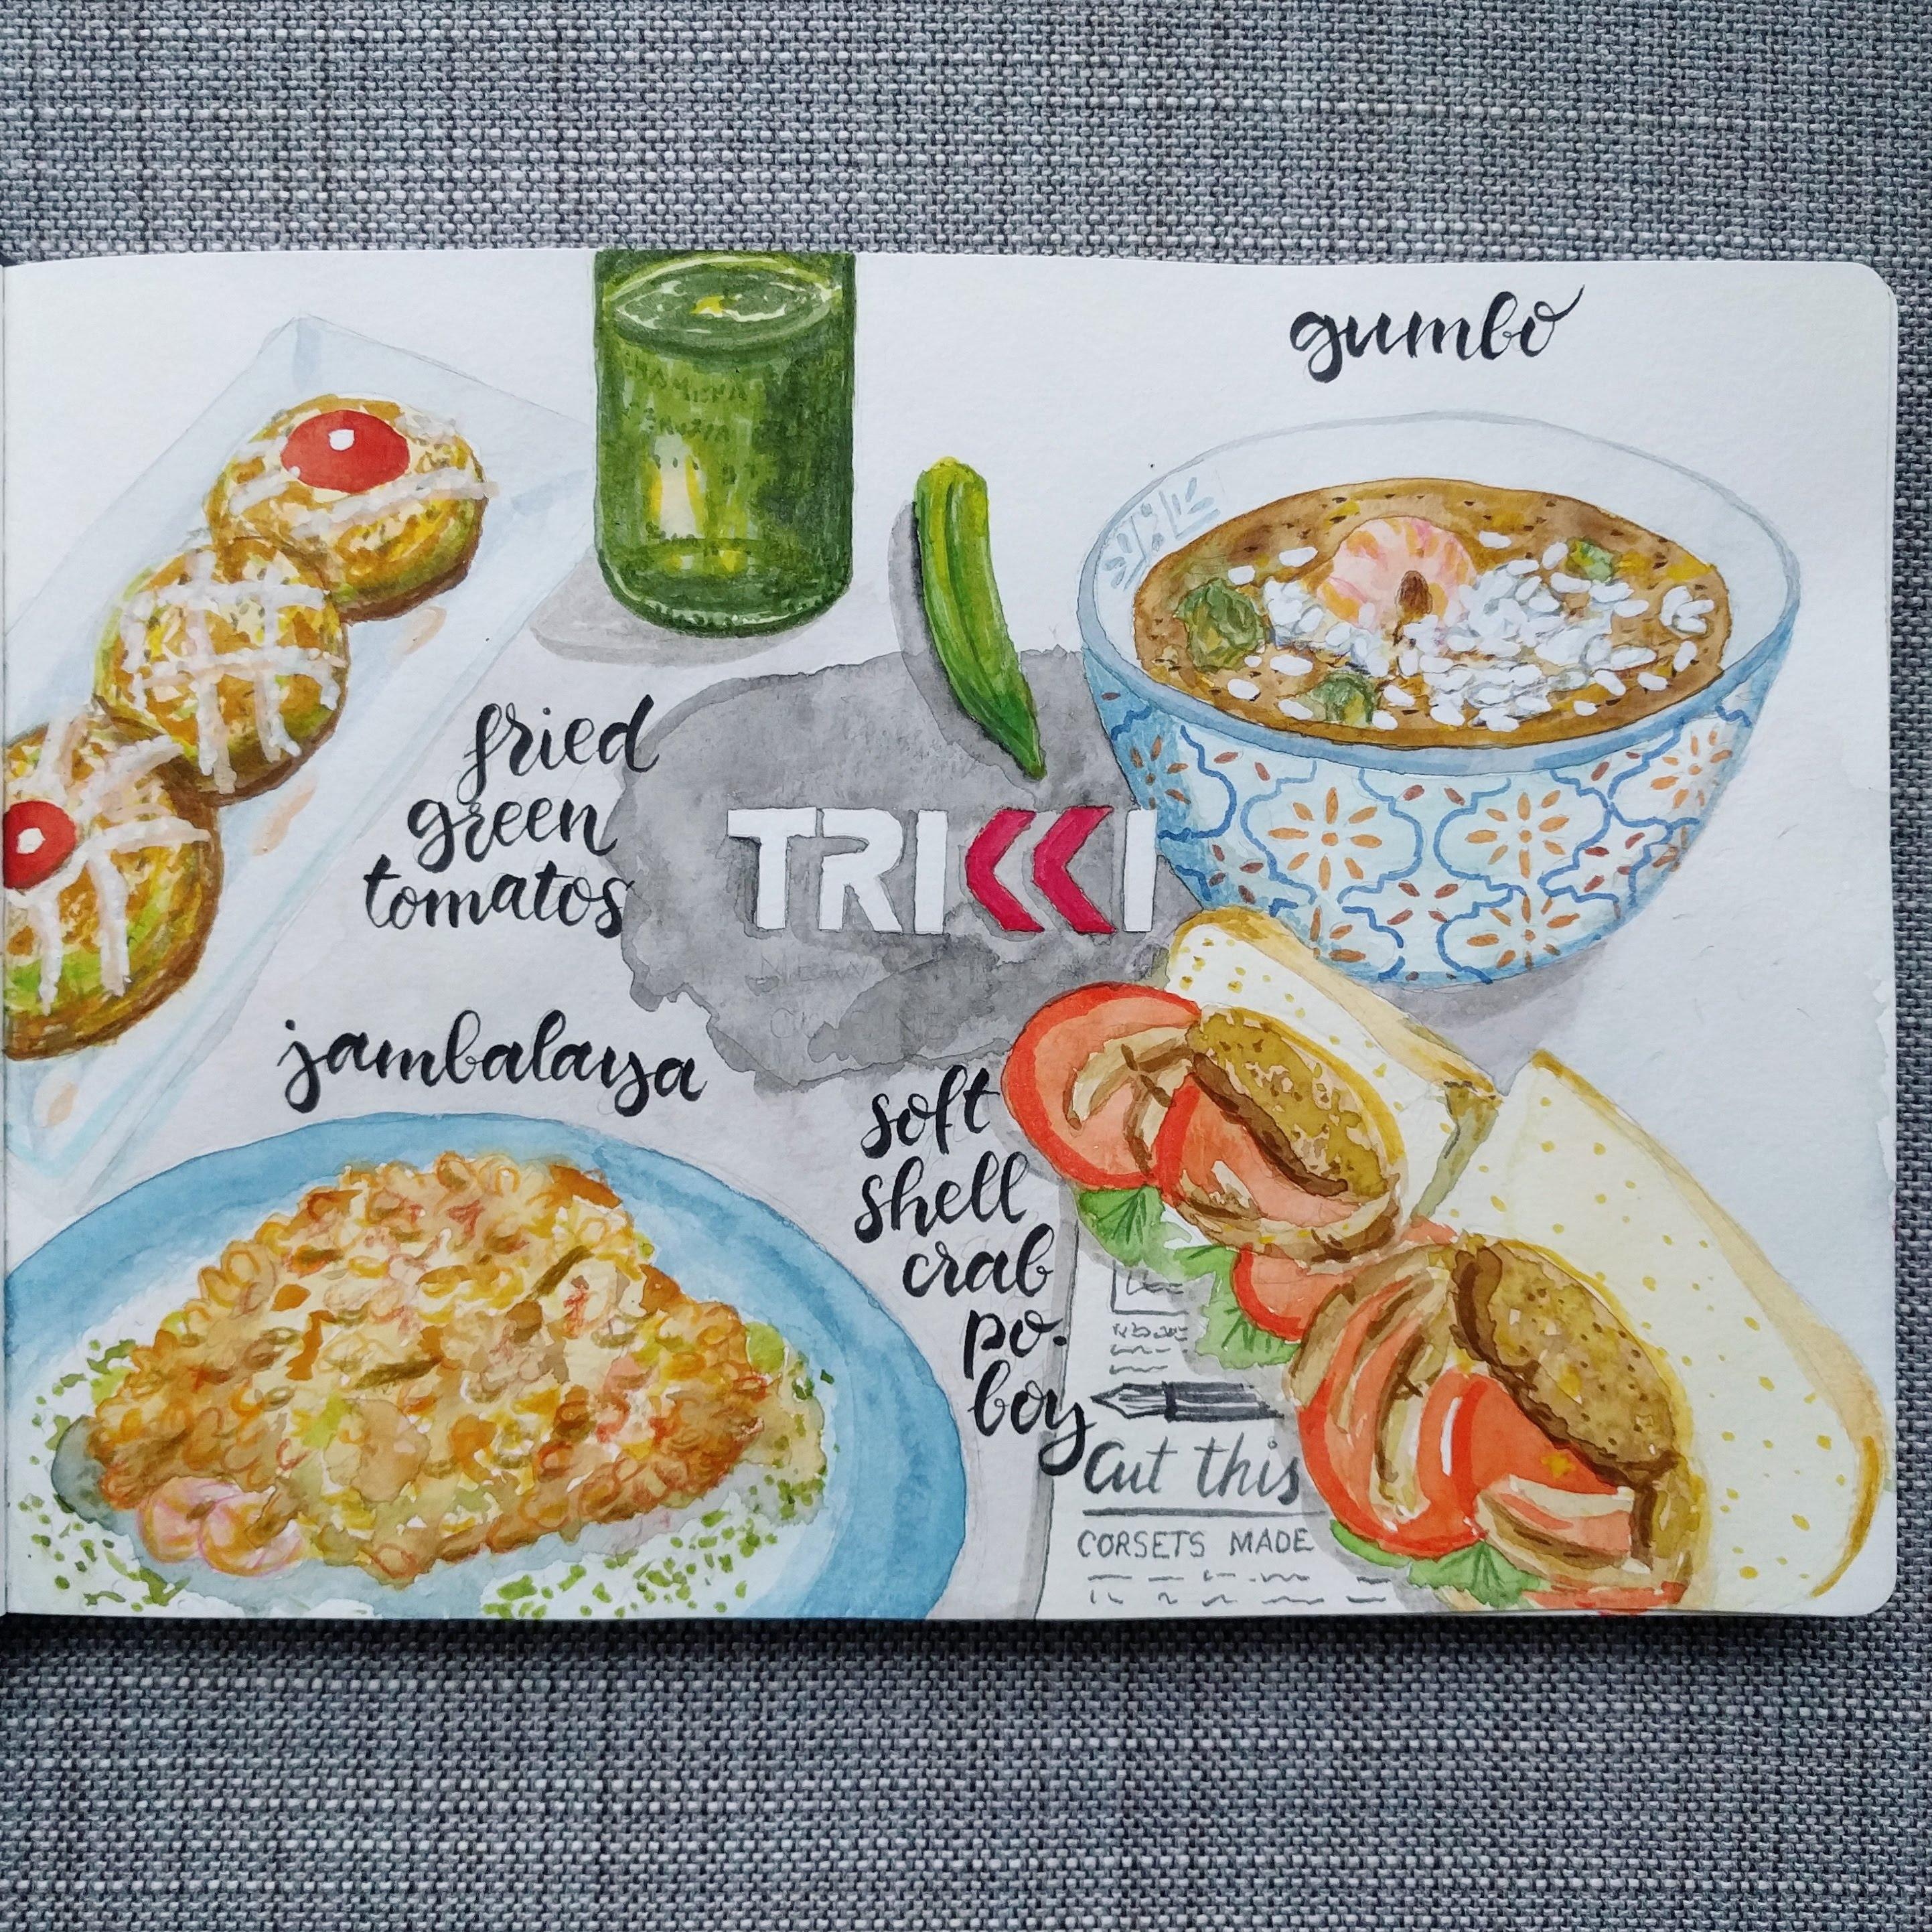 Trikki New Orleans Cuisine